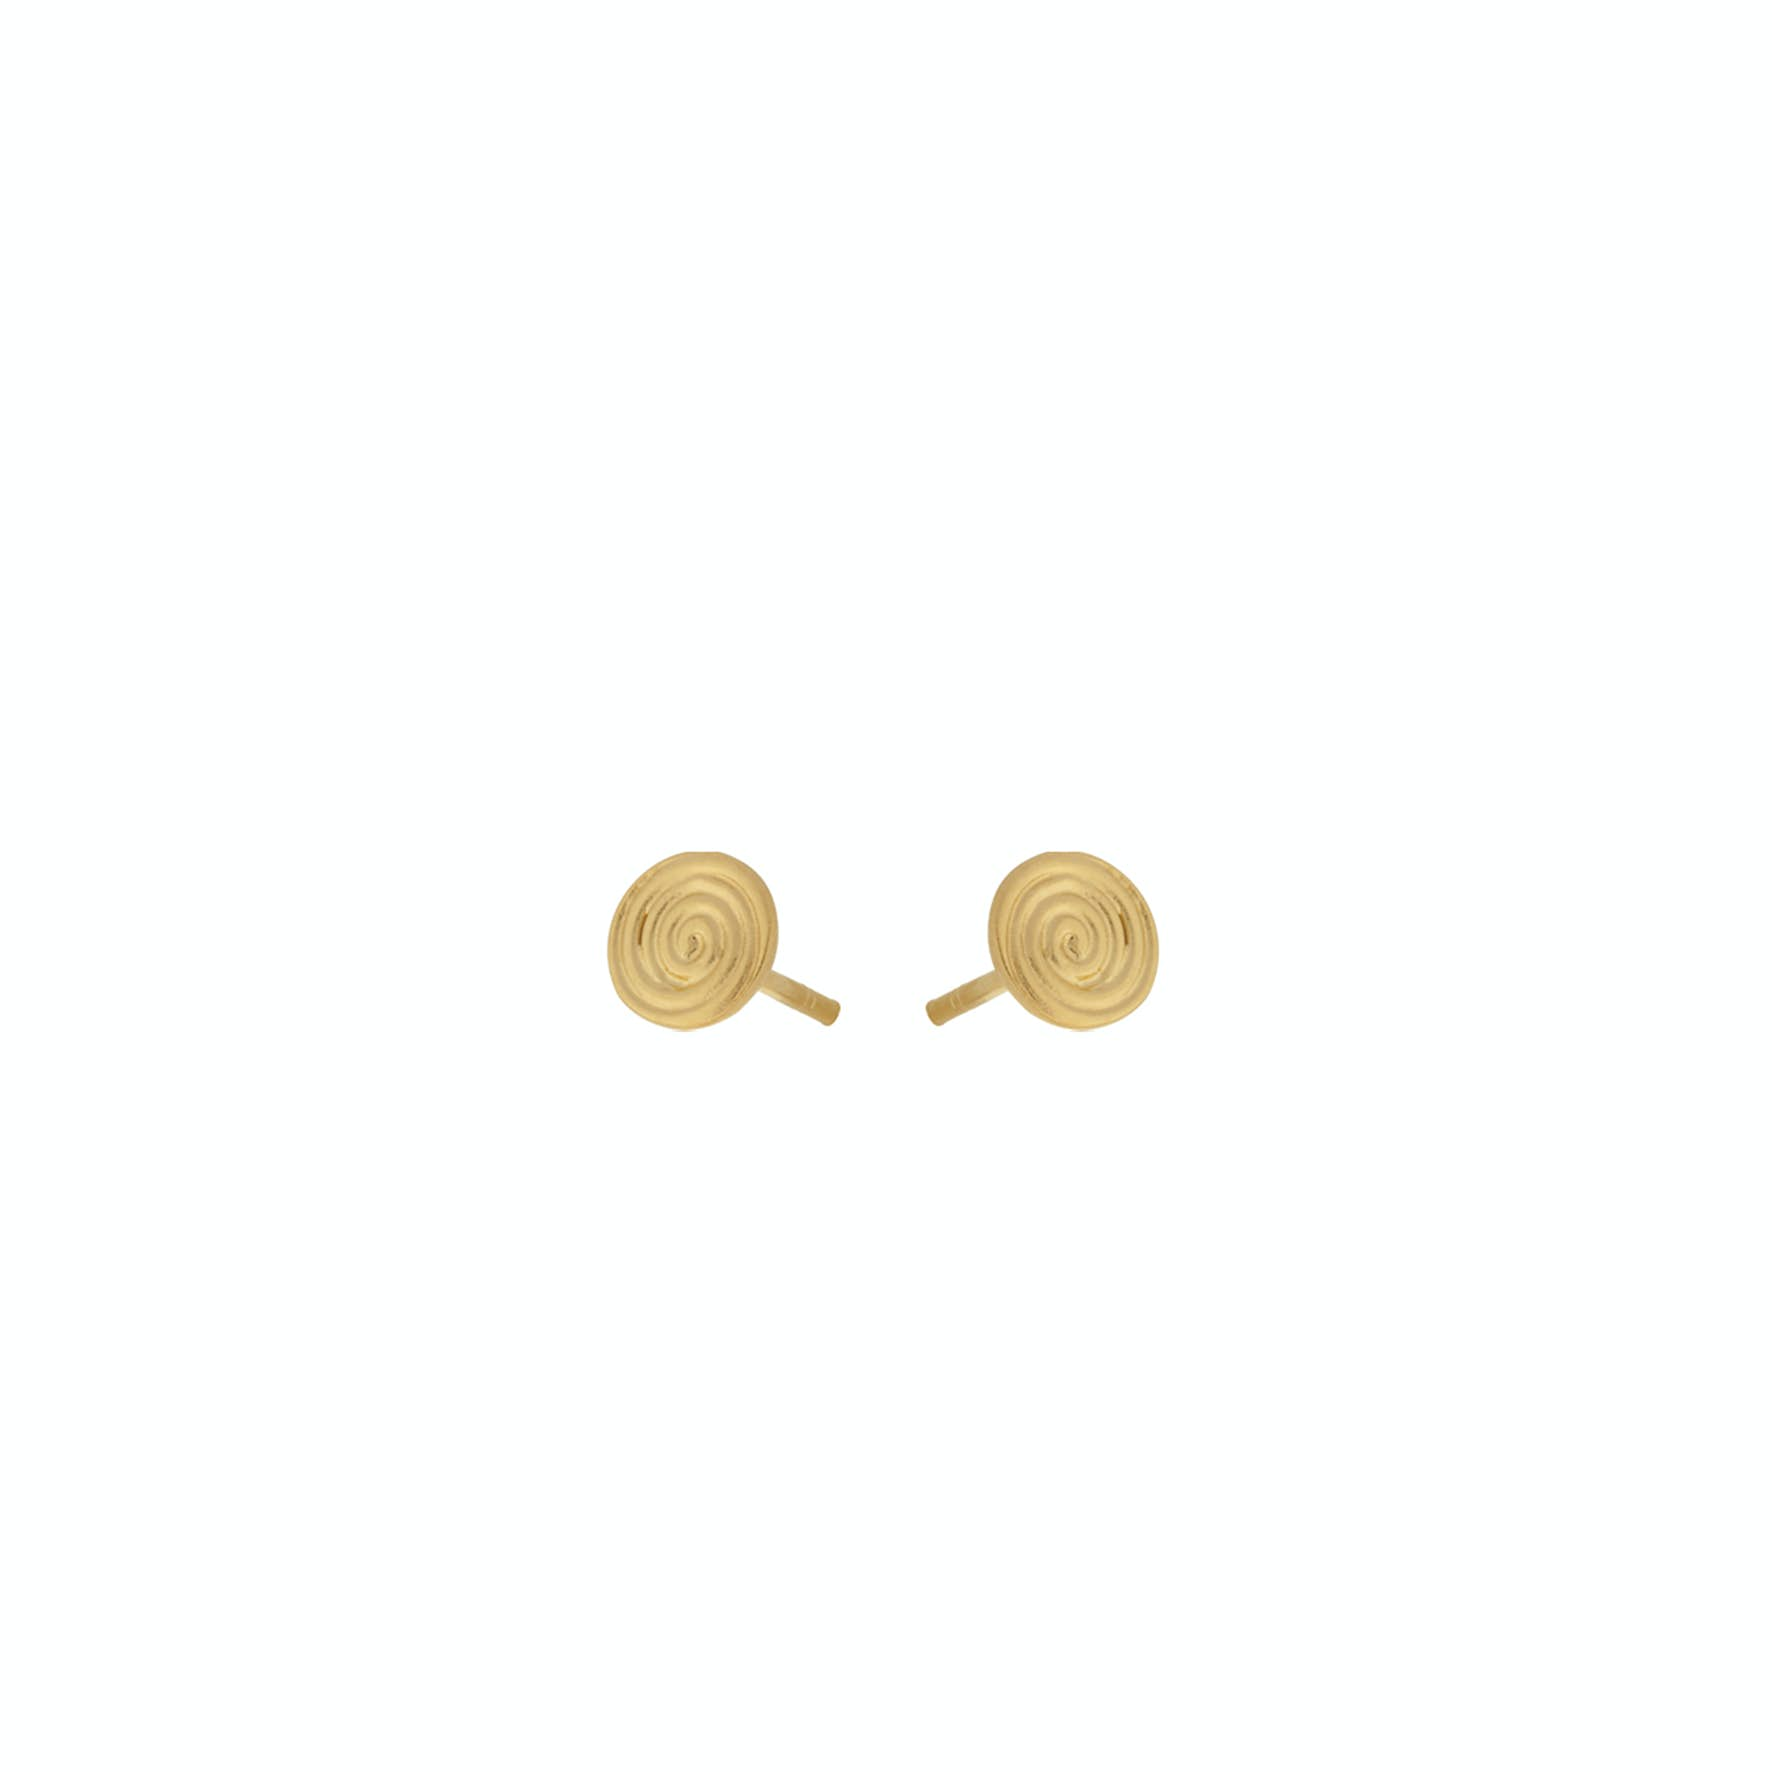 Venus Earsticks von Pernille Corydon in Vergoldet-Silber Sterling 925